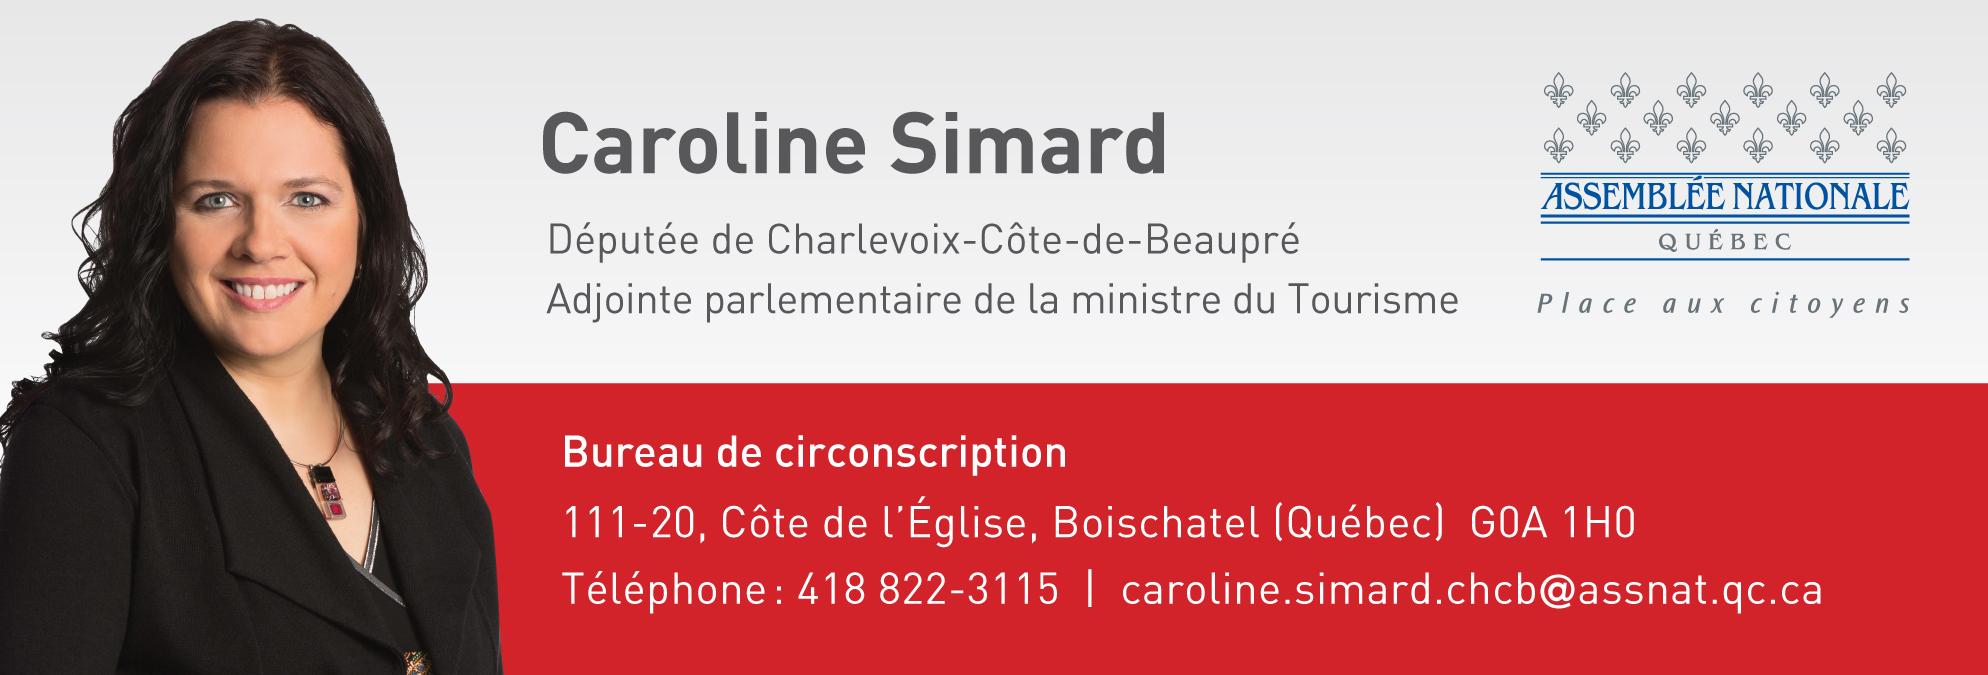 CarolineSimard_Pub_2_Boischatel